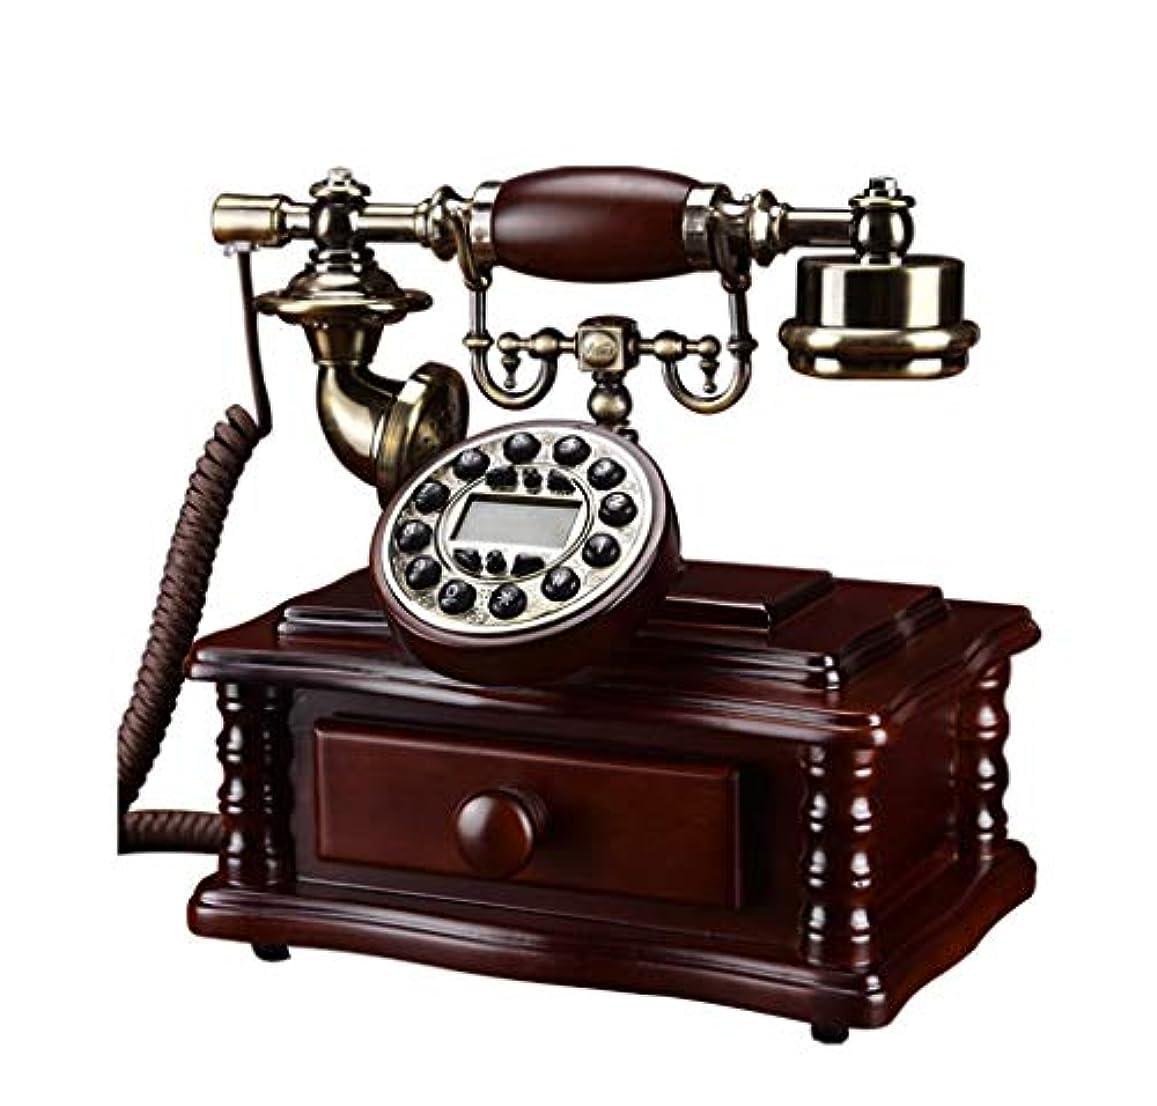 フックビジュアル軽蔑する電話装飾オフィスホーム ヨーロッパの電話、リビングルーム、寝室、オフィス、レトロ、無垢材、有線、電話 ビンテージアンティーク電話 (Edition : C)